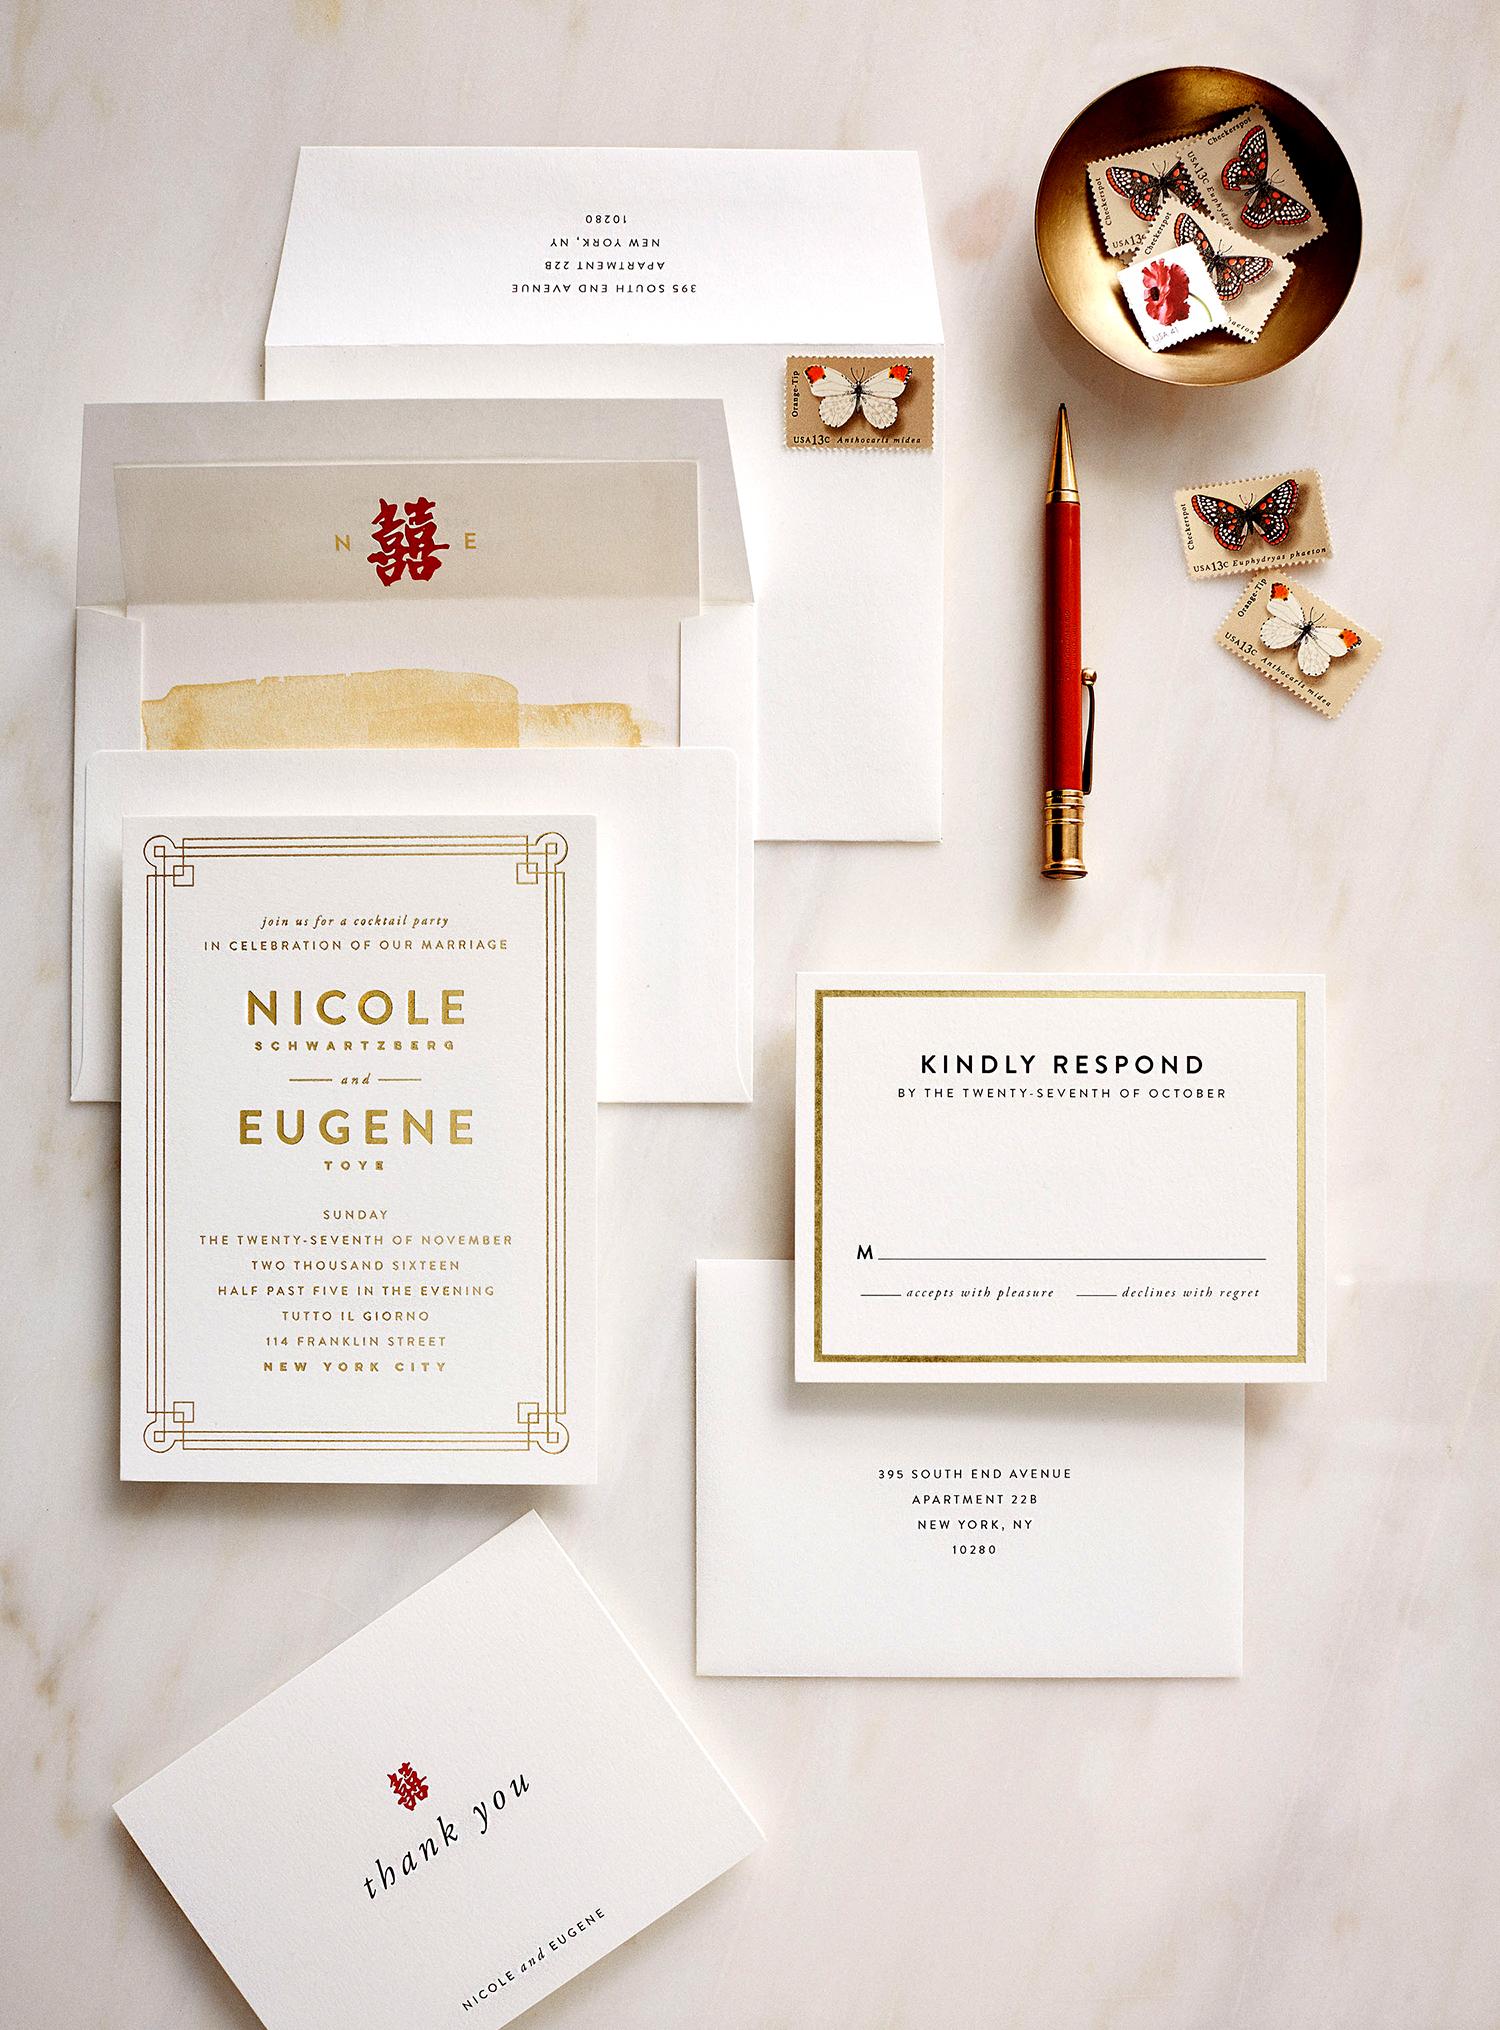 daisy eugene wedding stationery